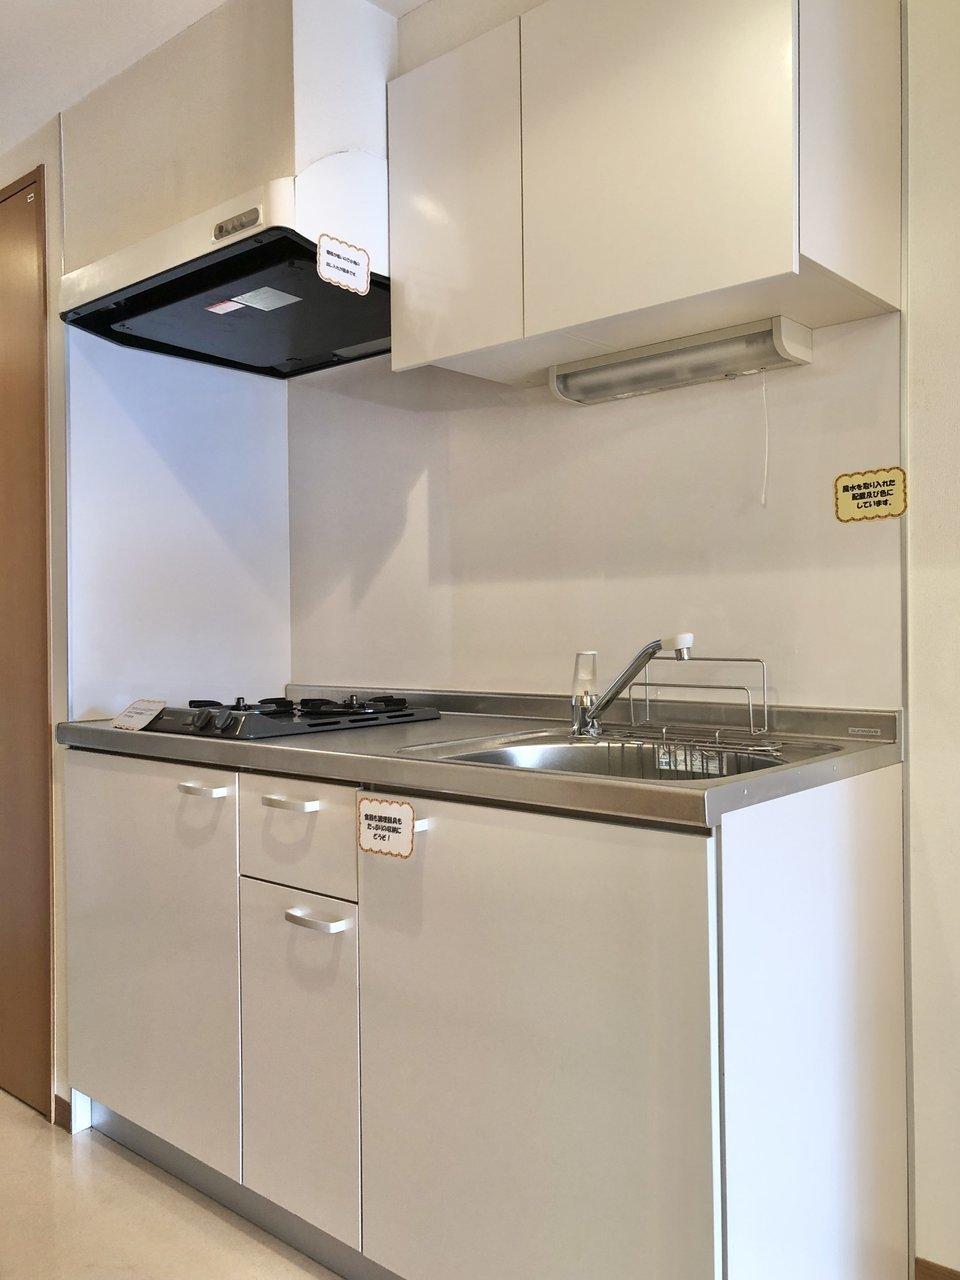 キッチンは上下に収納付き。シンクも広く、洗い物も快適に。